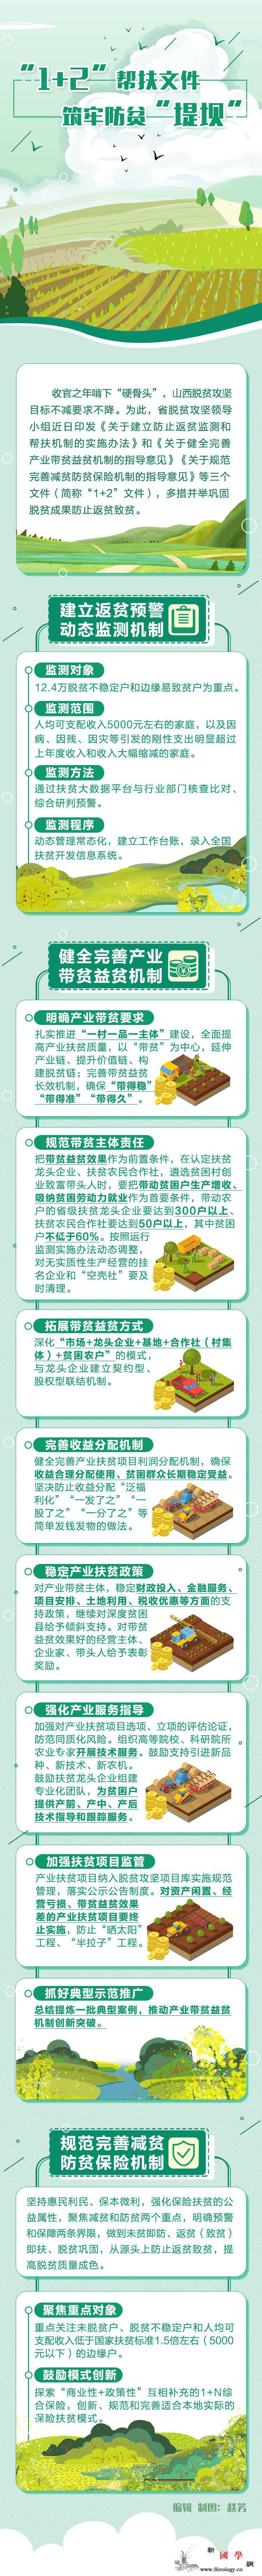 """【图解】山西""""1+2""""帮扶文件筑牢防_画中画-只需-广告-"""